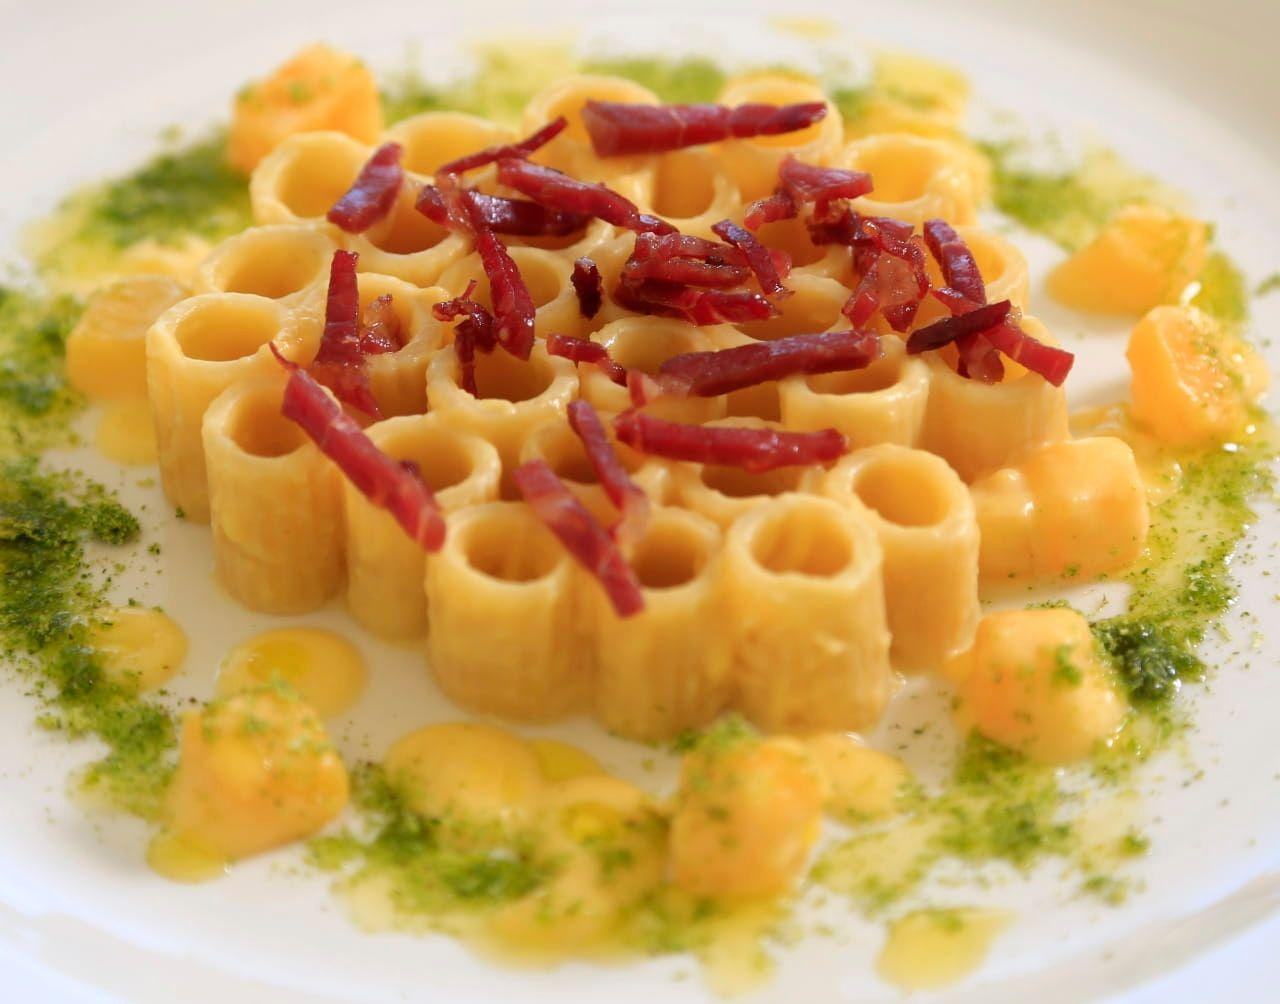 Mezzi Rigatoni with Butternut Squash, Prosciutto & Green Onion Powder